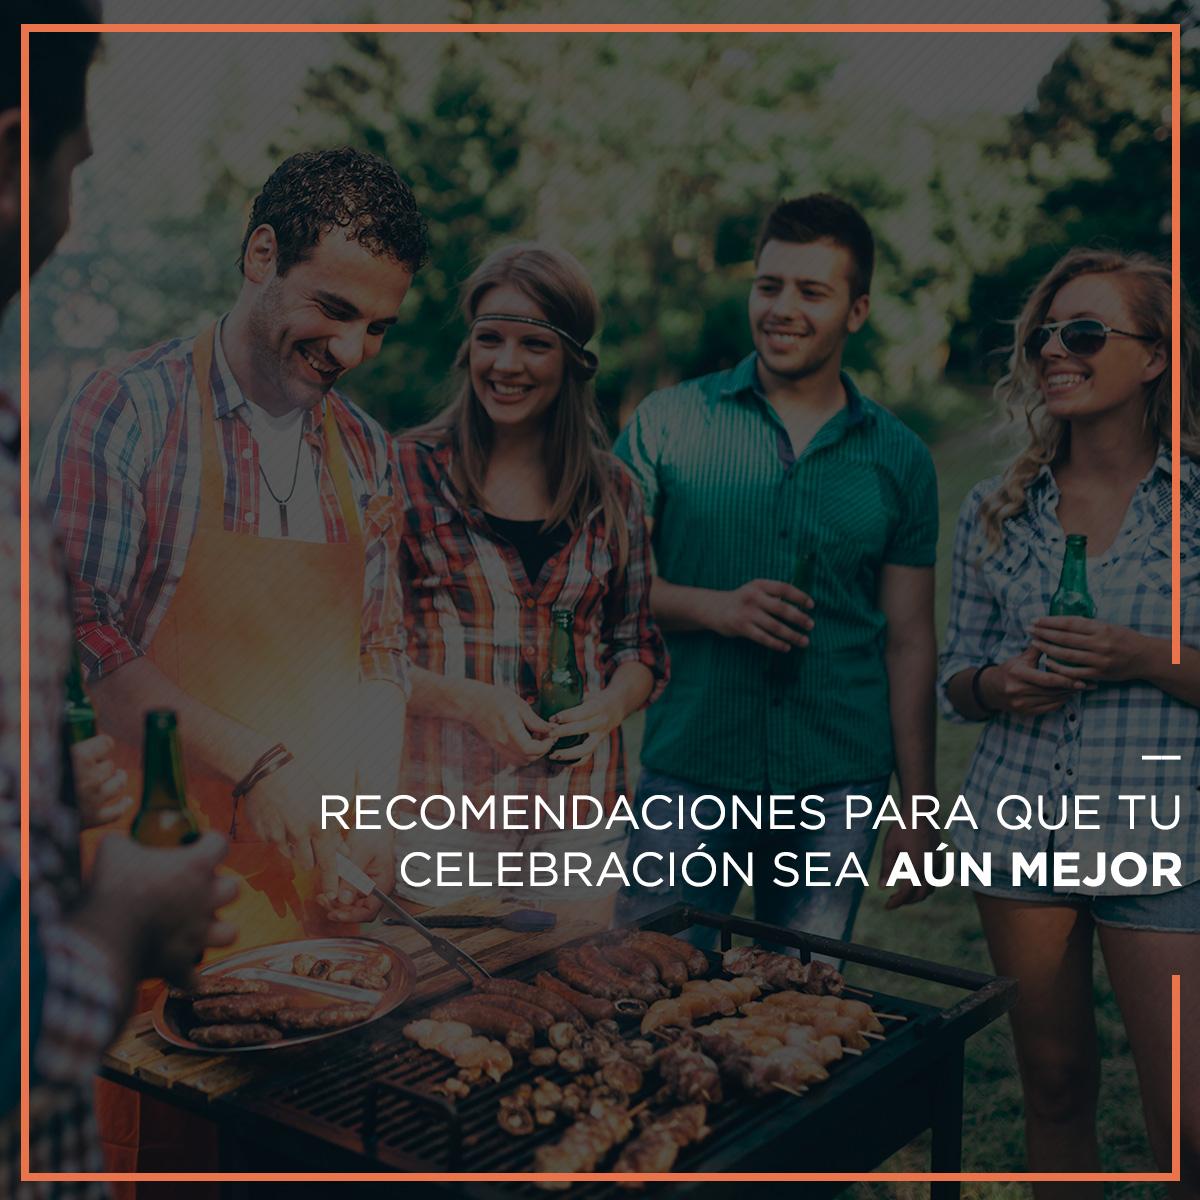 NOTA_RECOMENDACIONES_FP